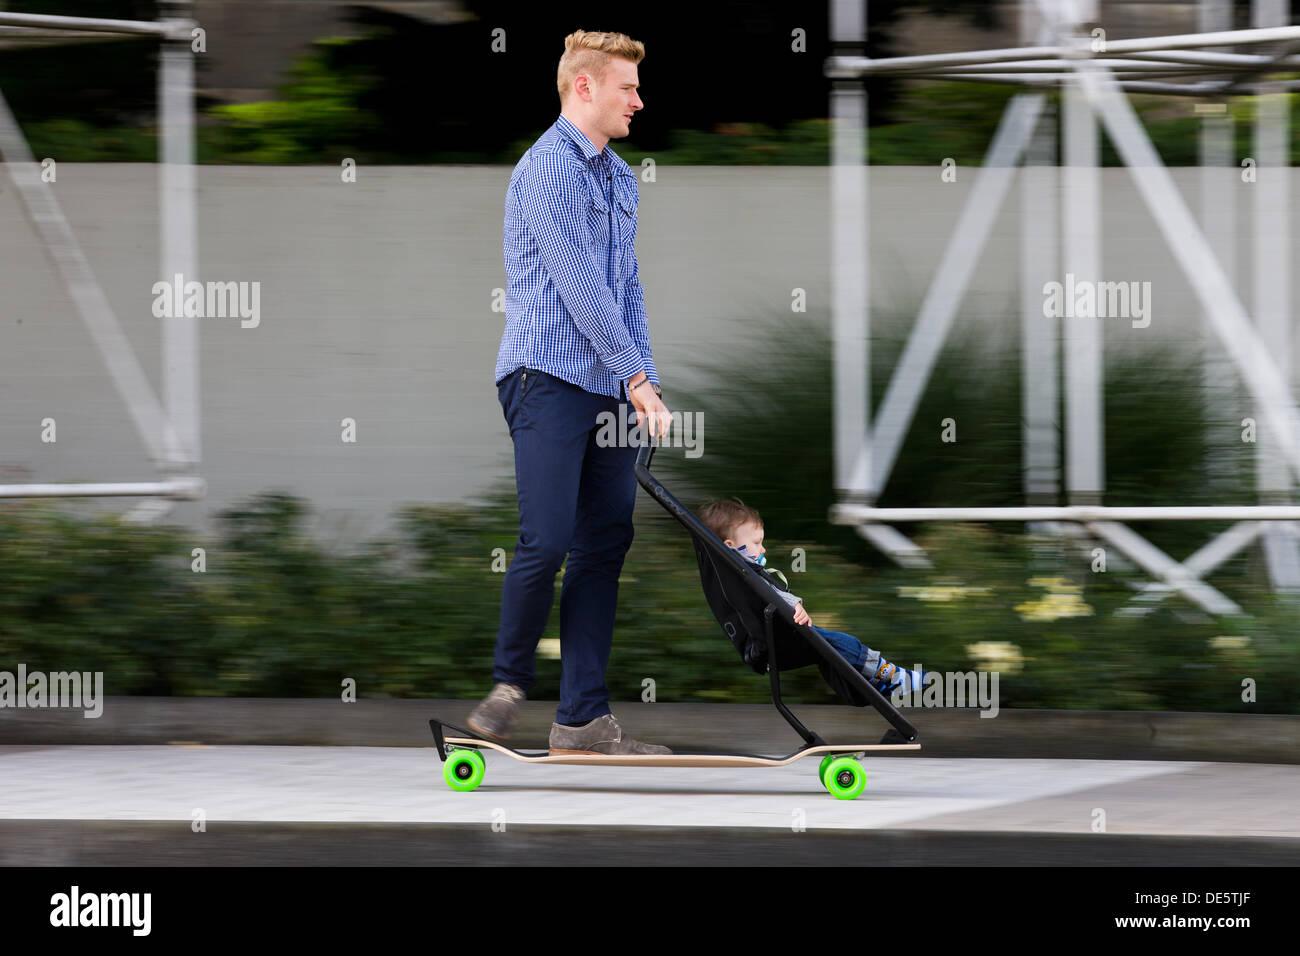 Mit Ihrem Sohn Rolf Stockfotos & Mit Ihrem Sohn Rolf Bilder - Alamy